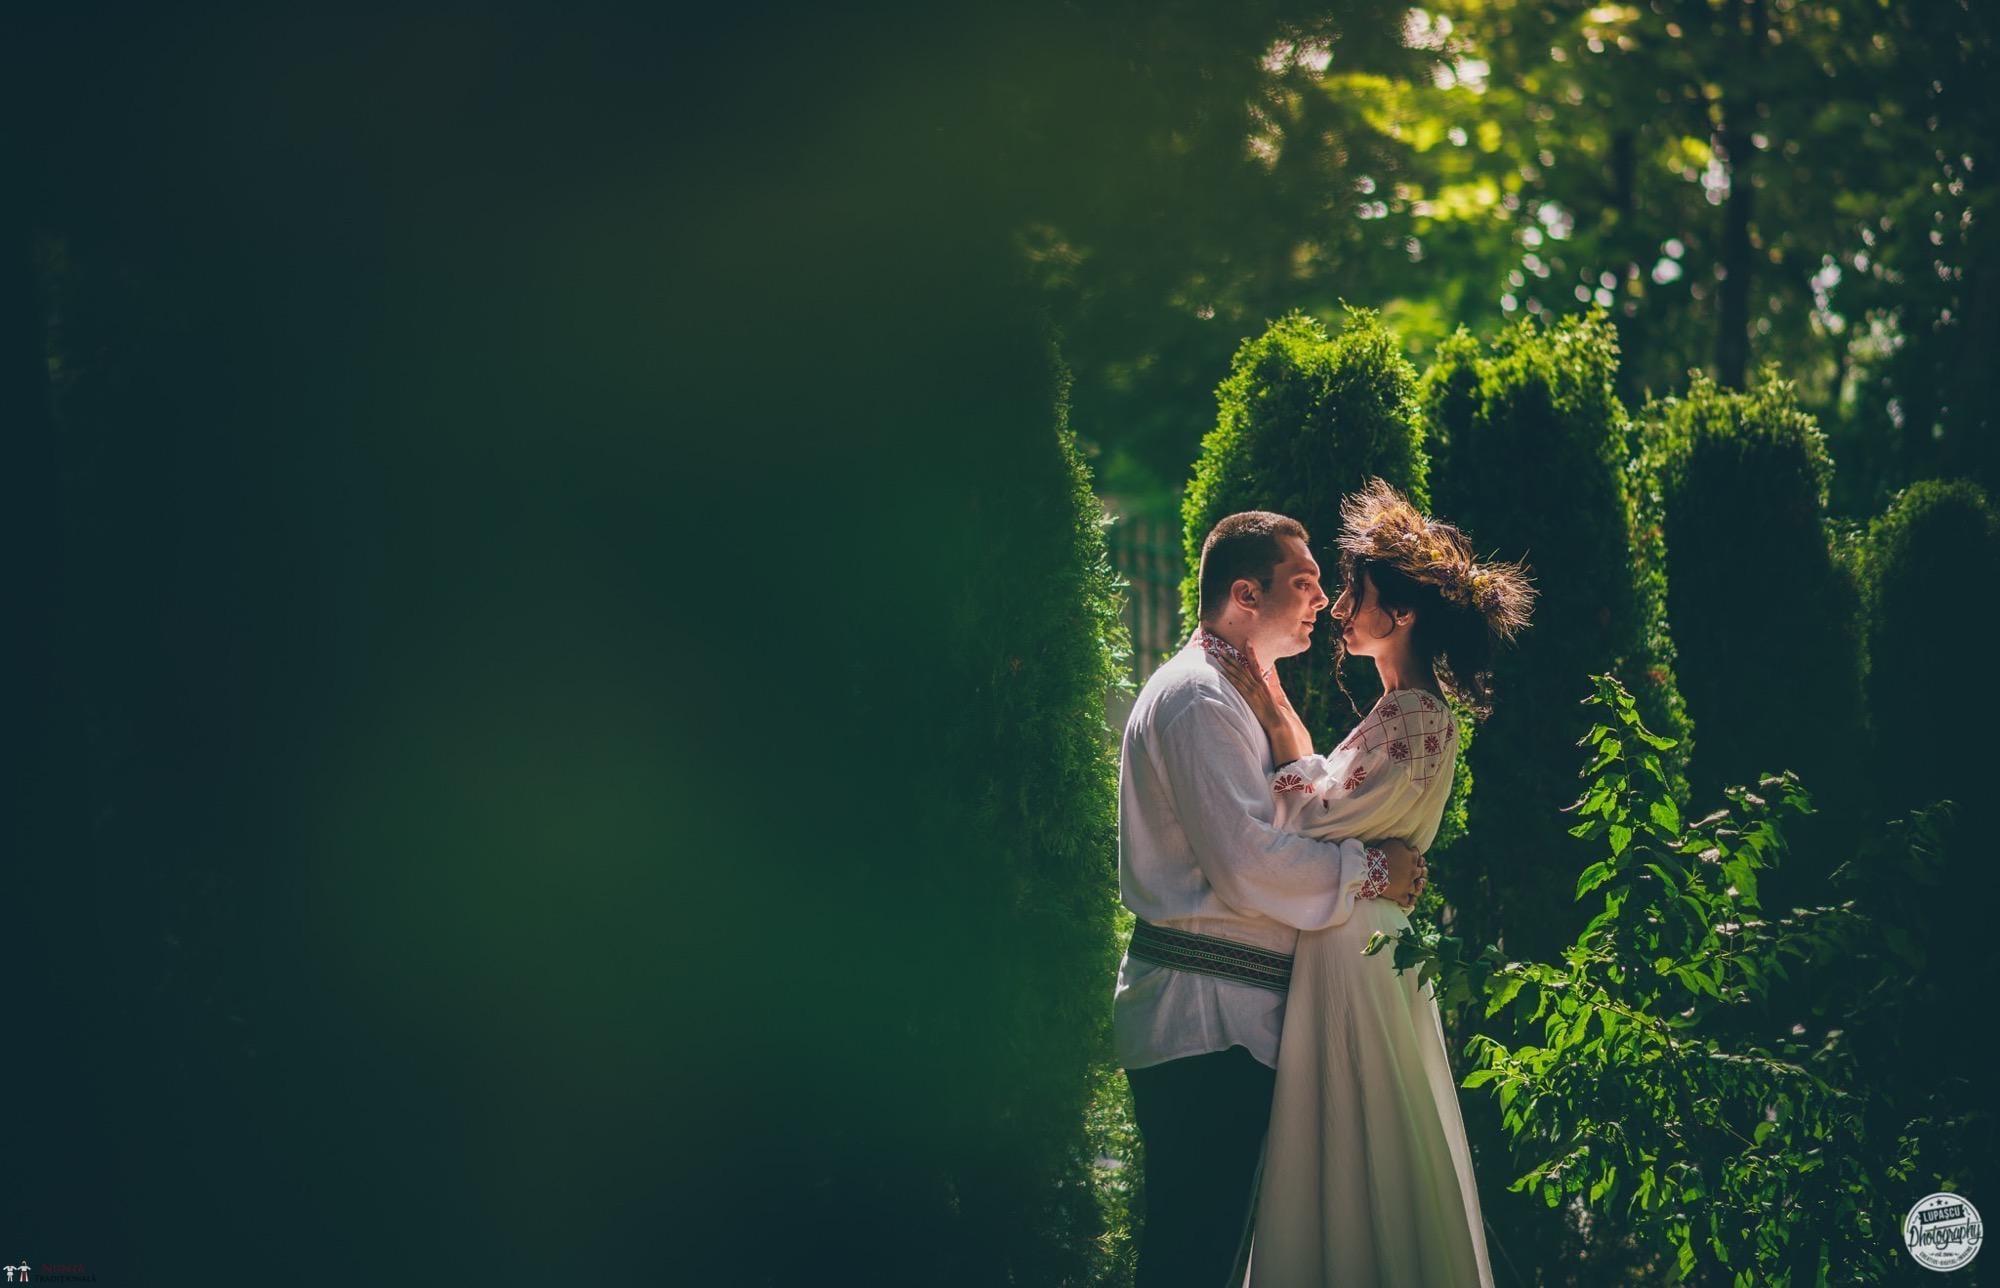 Povești Nunți Tradiționale - Georgiana și Adrian. Nuntă tradițională în București. 38